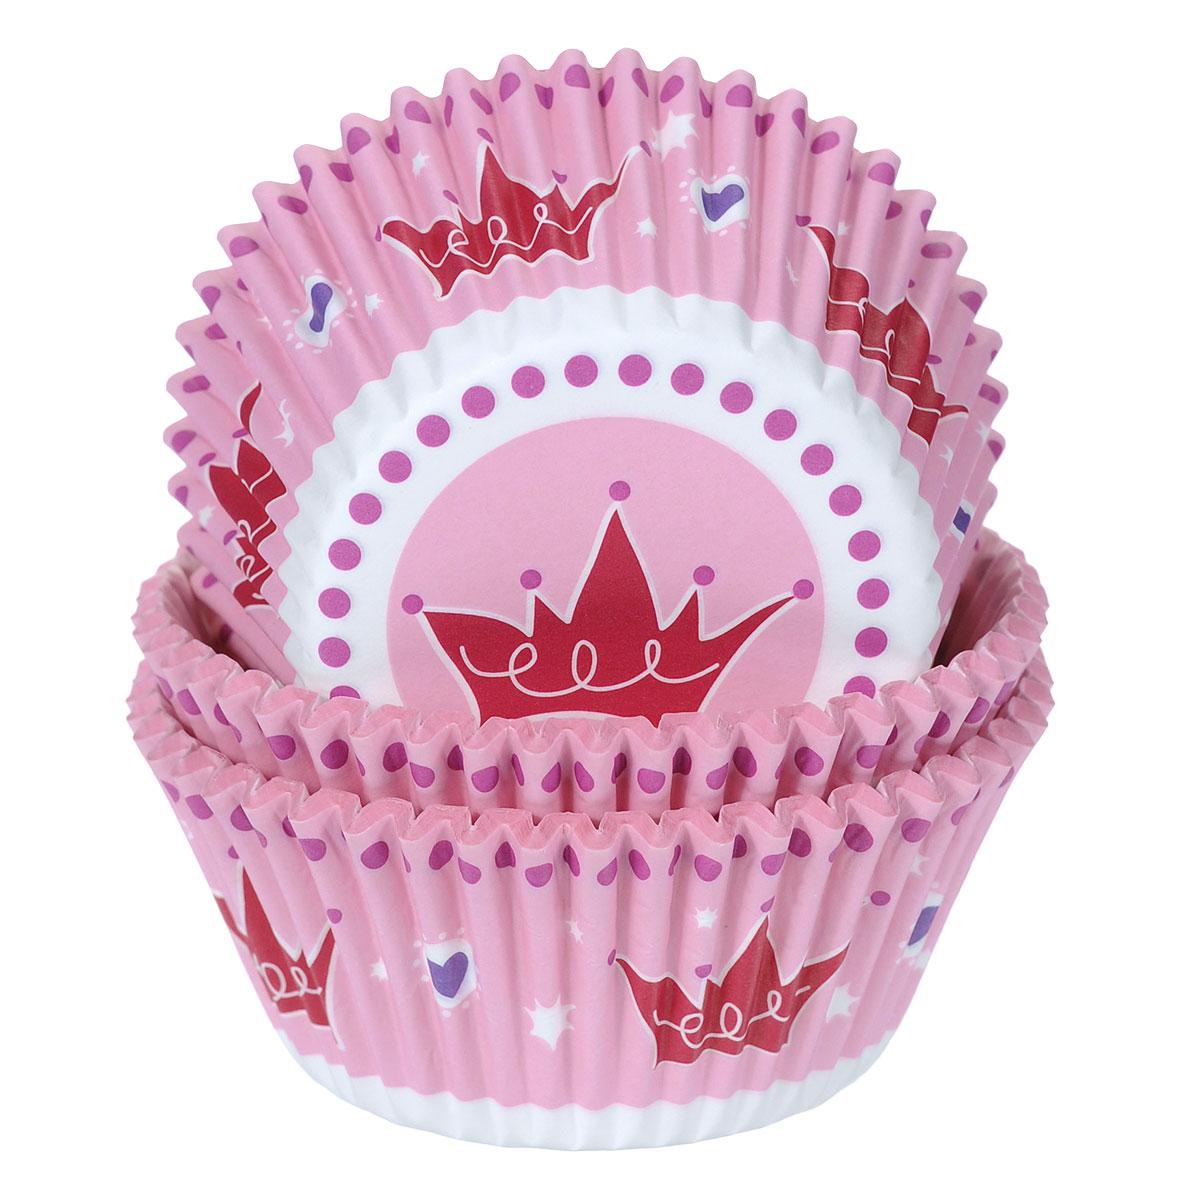 Набор бумажных форм для кексов Wilton Принцесса, диаметр 7 см, 75 штWLT-415-1142Бумажные формы Wilton Принцесса используются для выпечки, украшения и упаковки кондитерских изделий, сервировки конфет, орешков, десертов. Края форм гофрированные. С такими формами вы всегда сможете порадовать своих близких оригинальной выпечкой.